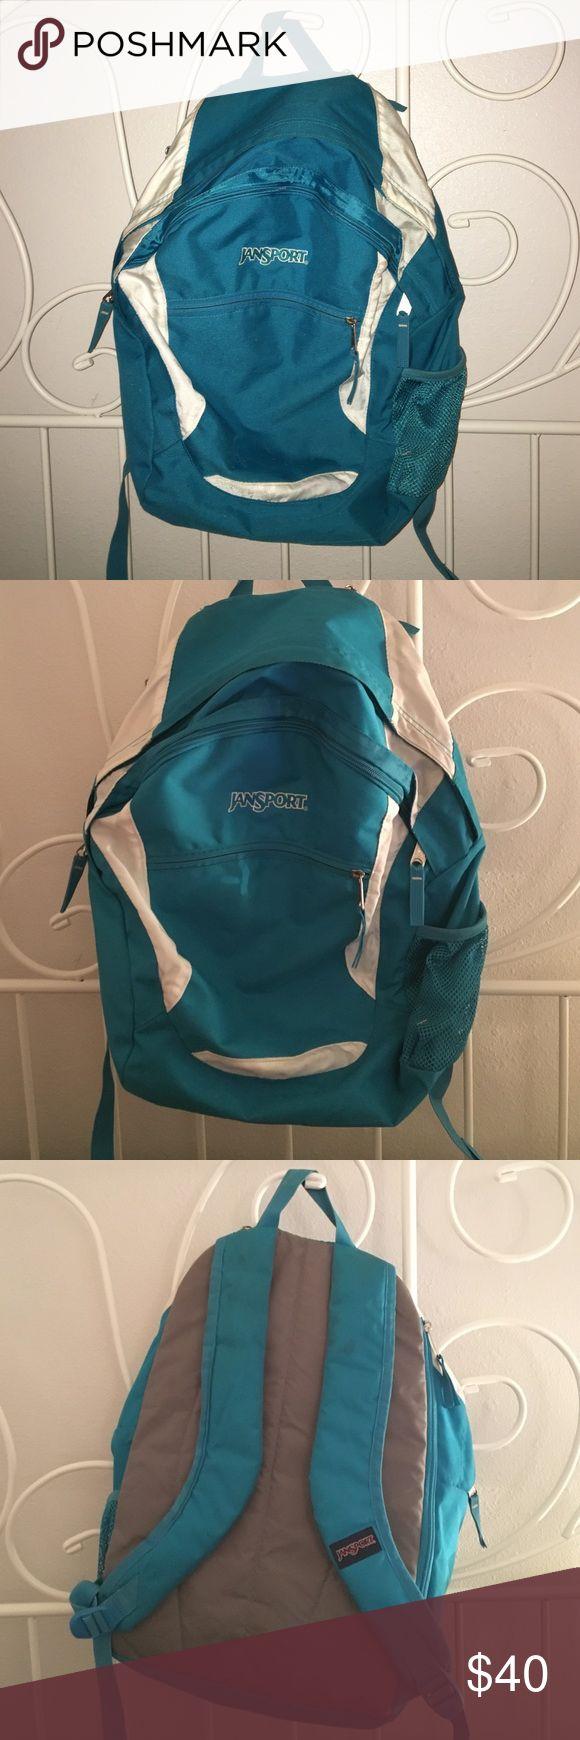 JANSPORT BACKPACK JANSPORT blue and white backpack! Jansport Bags Backpacks